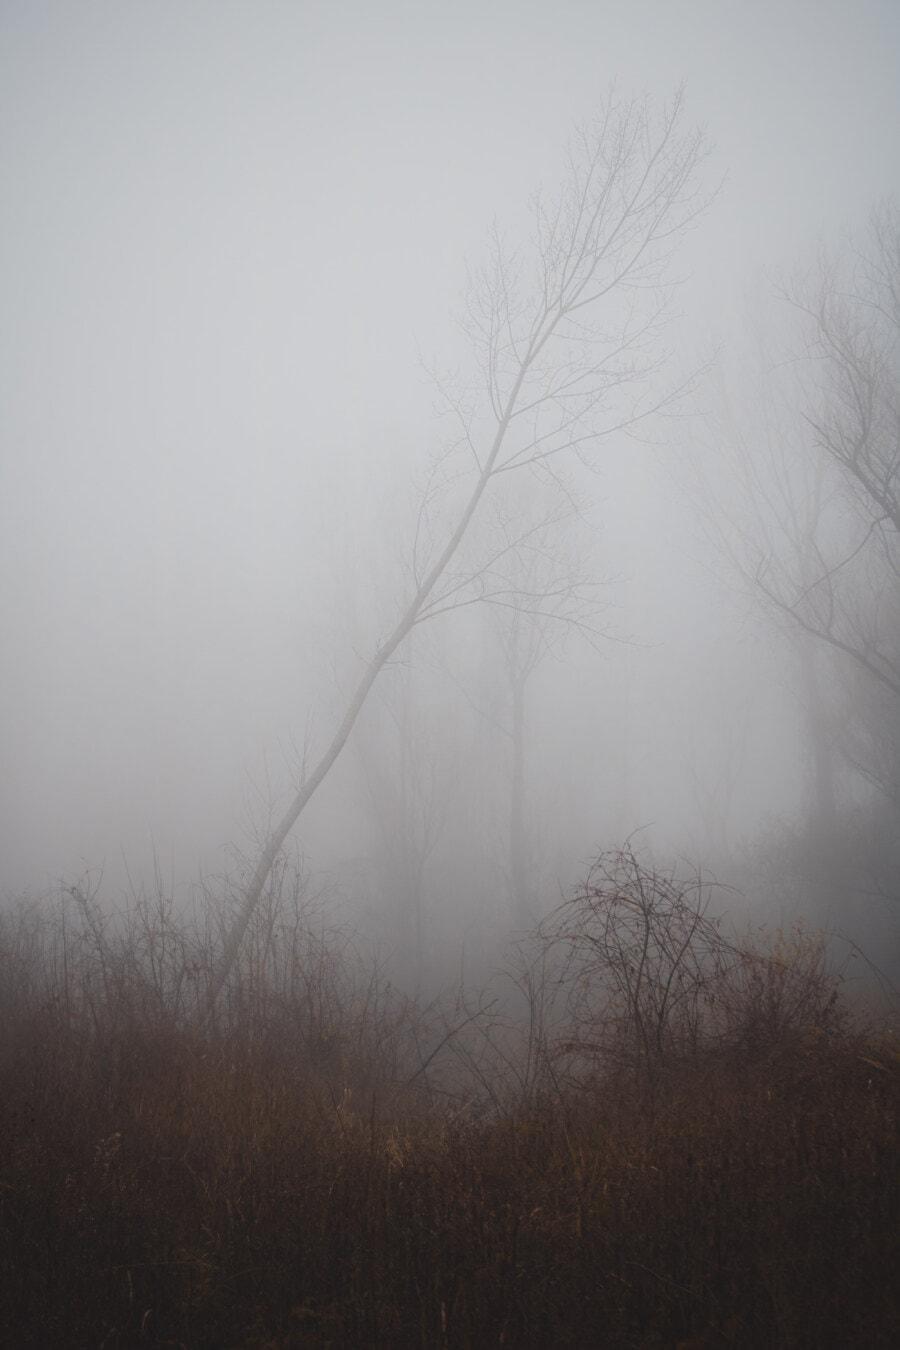 hämärä, sumuinen, sumu, metsä, siluetti, puut, kylmä, sumu, maisema, puu